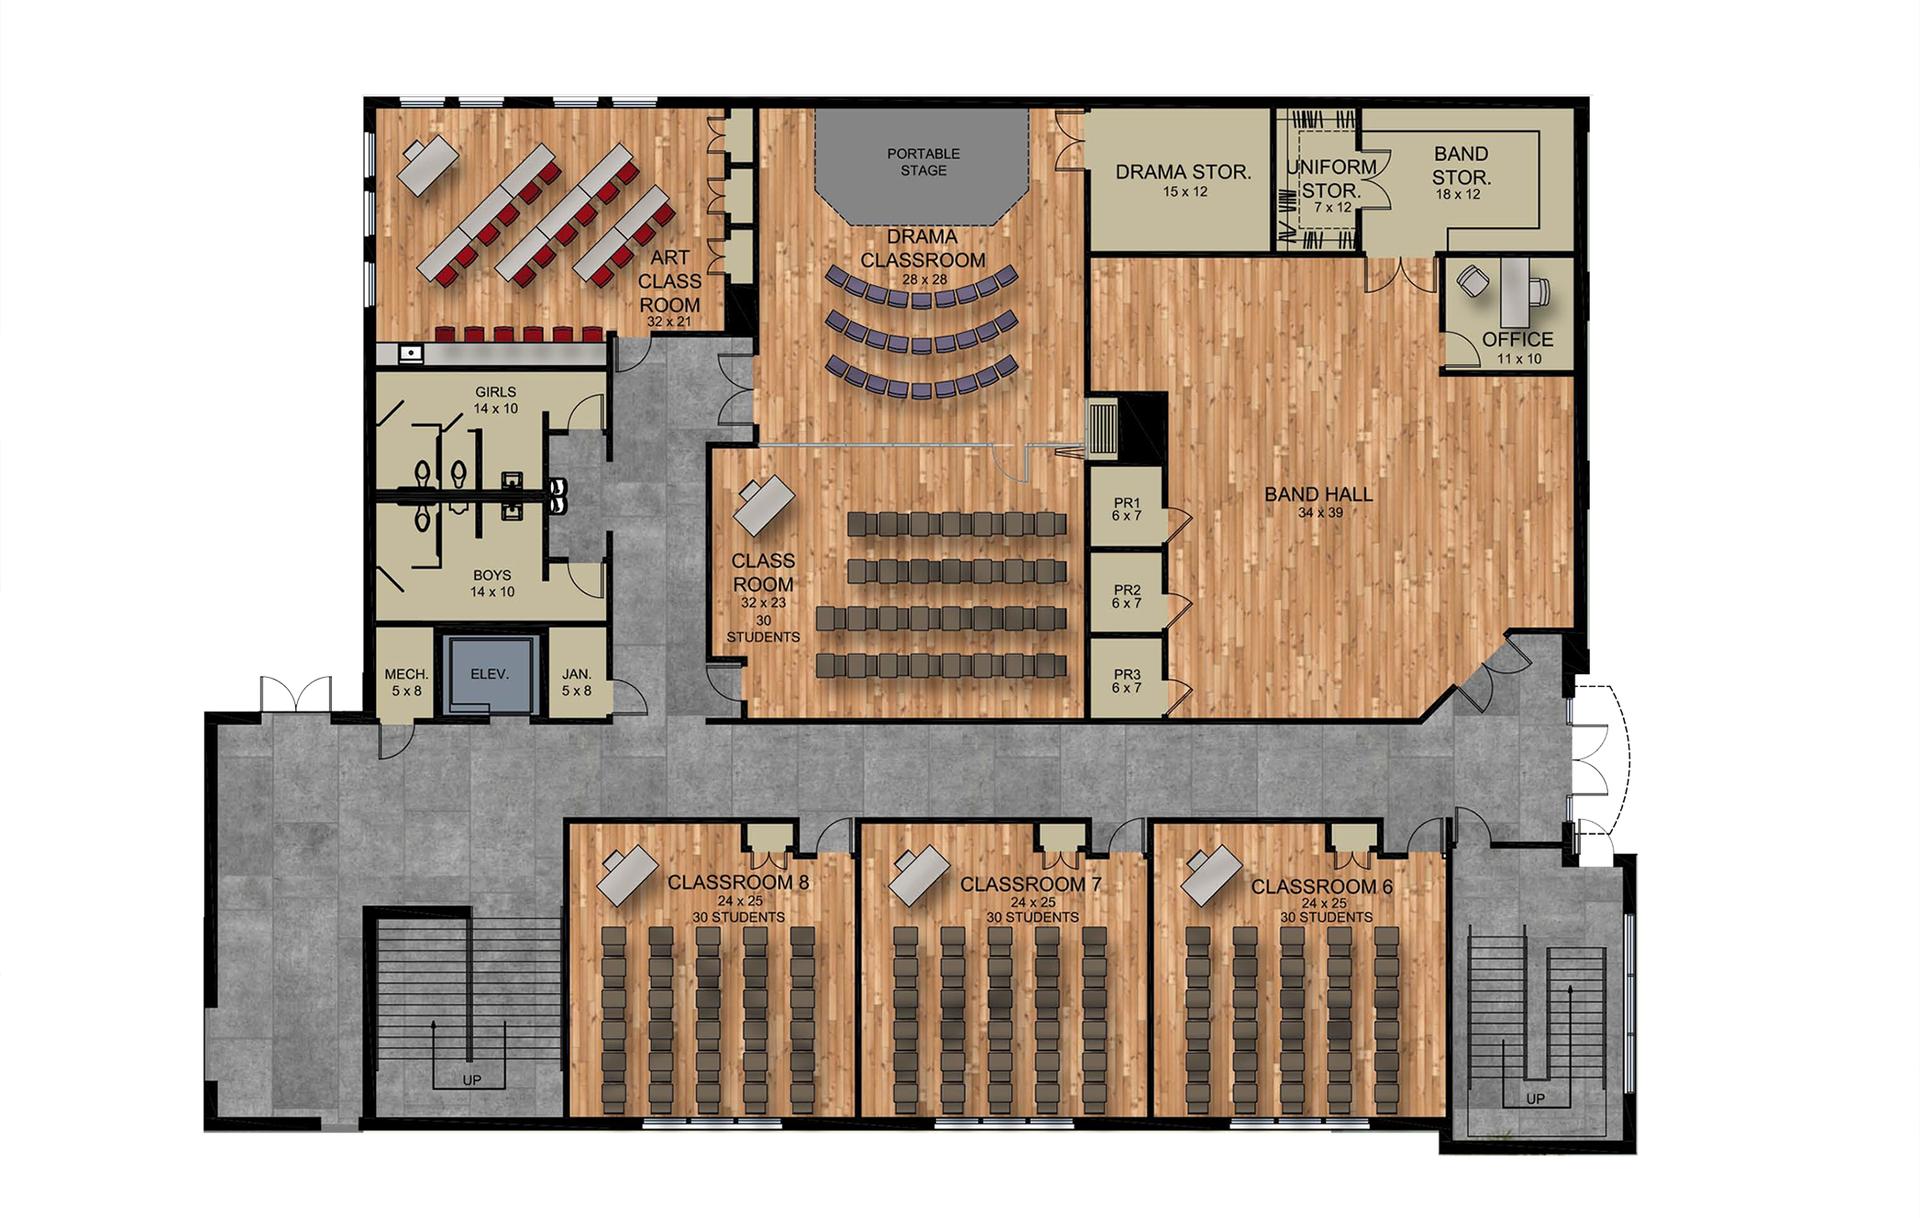 Fine Arts Facility